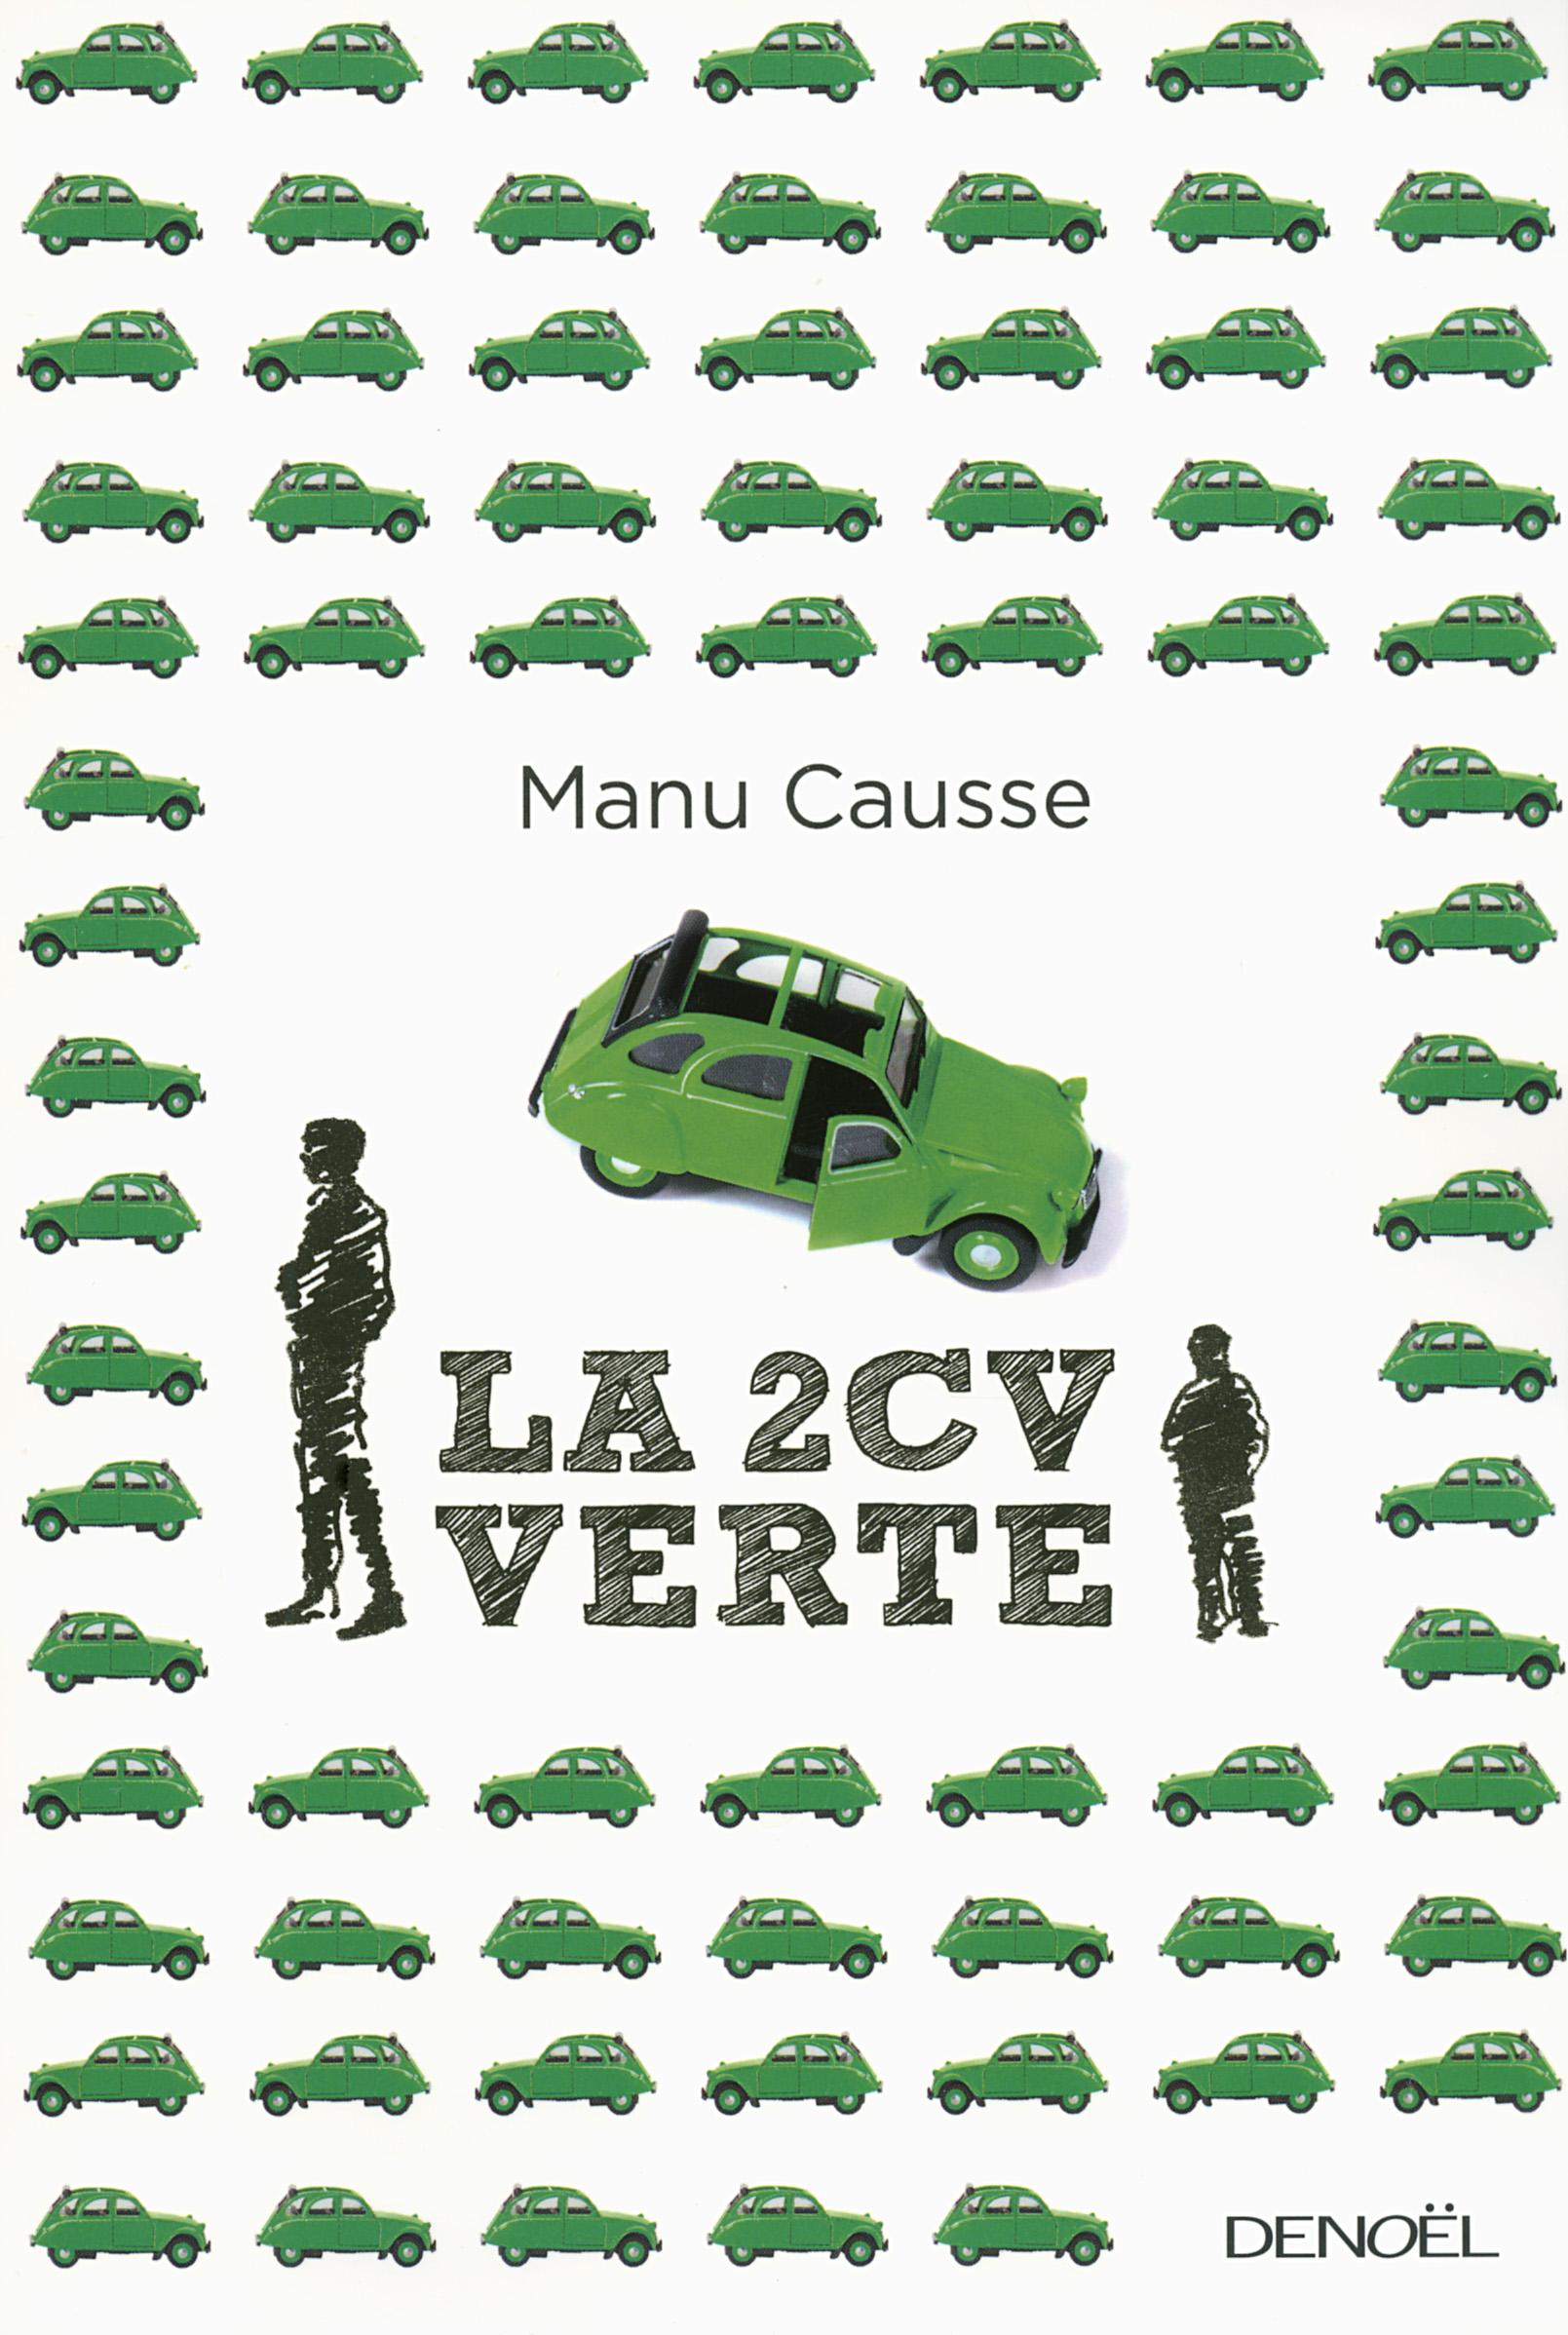 2CVverte_Manucausse